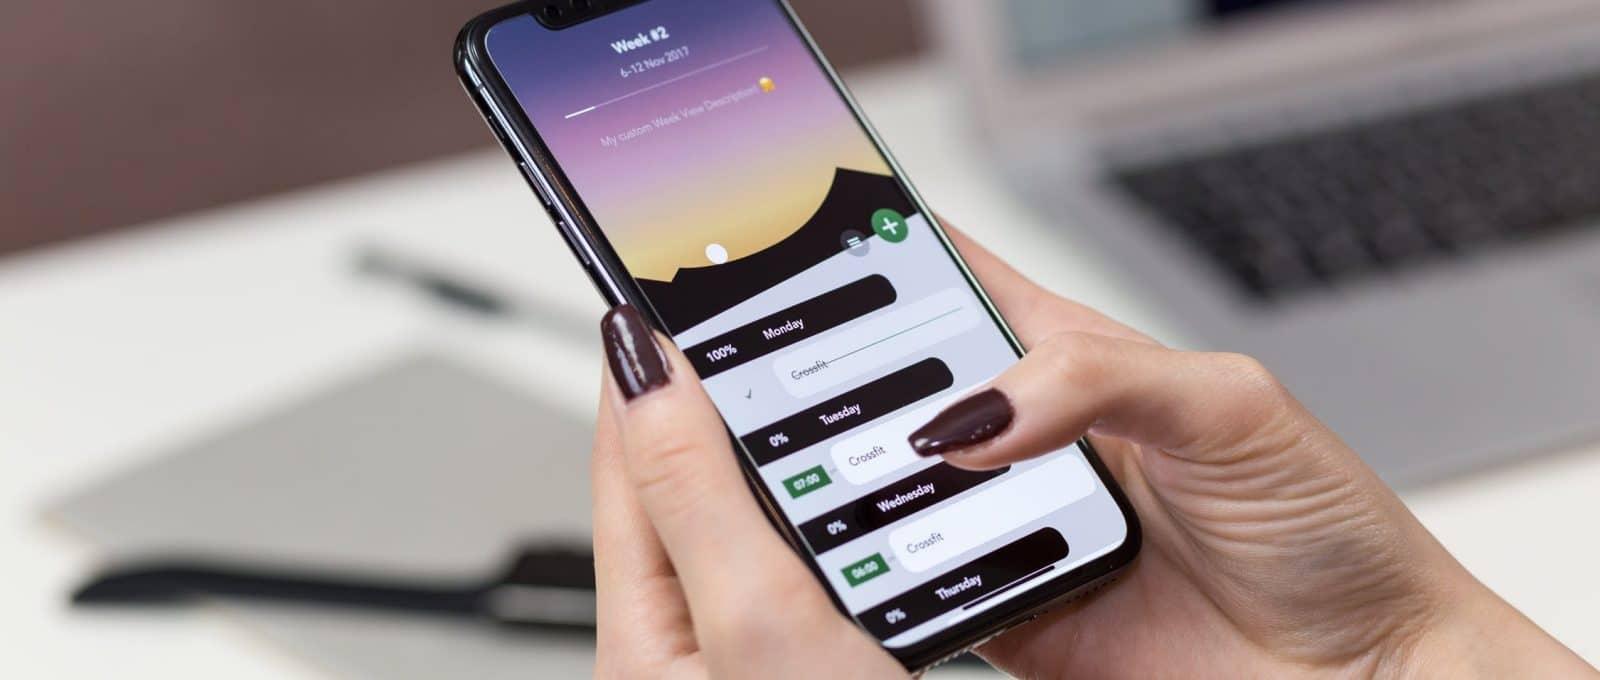 Les smartphones pliables : une invention à la pointe des dernières technologies